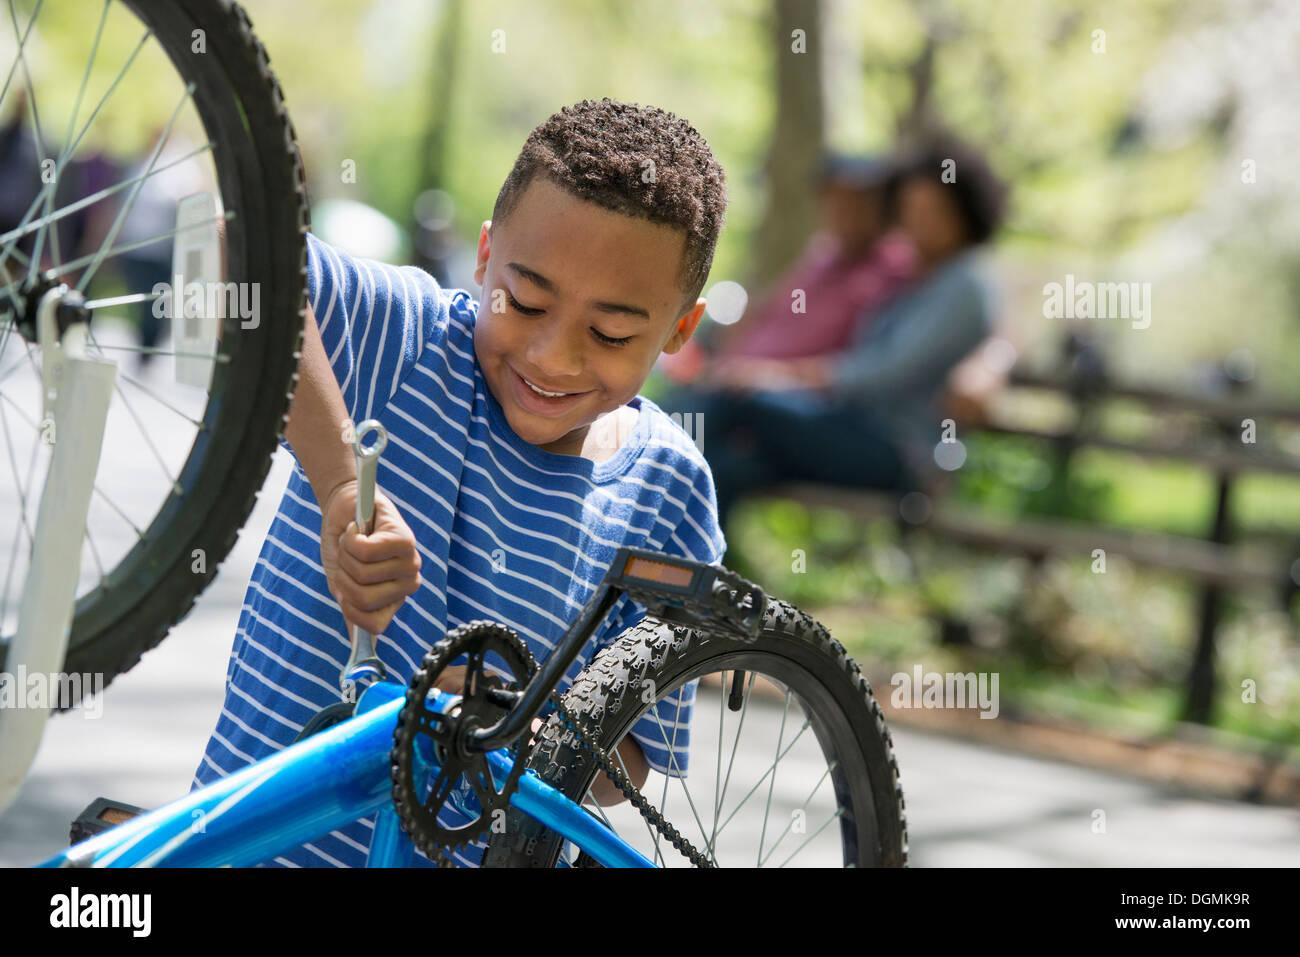 Una familia en el parque en un día soleado. Un padre y un hijo de reparar una bicicleta. Imagen De Stock